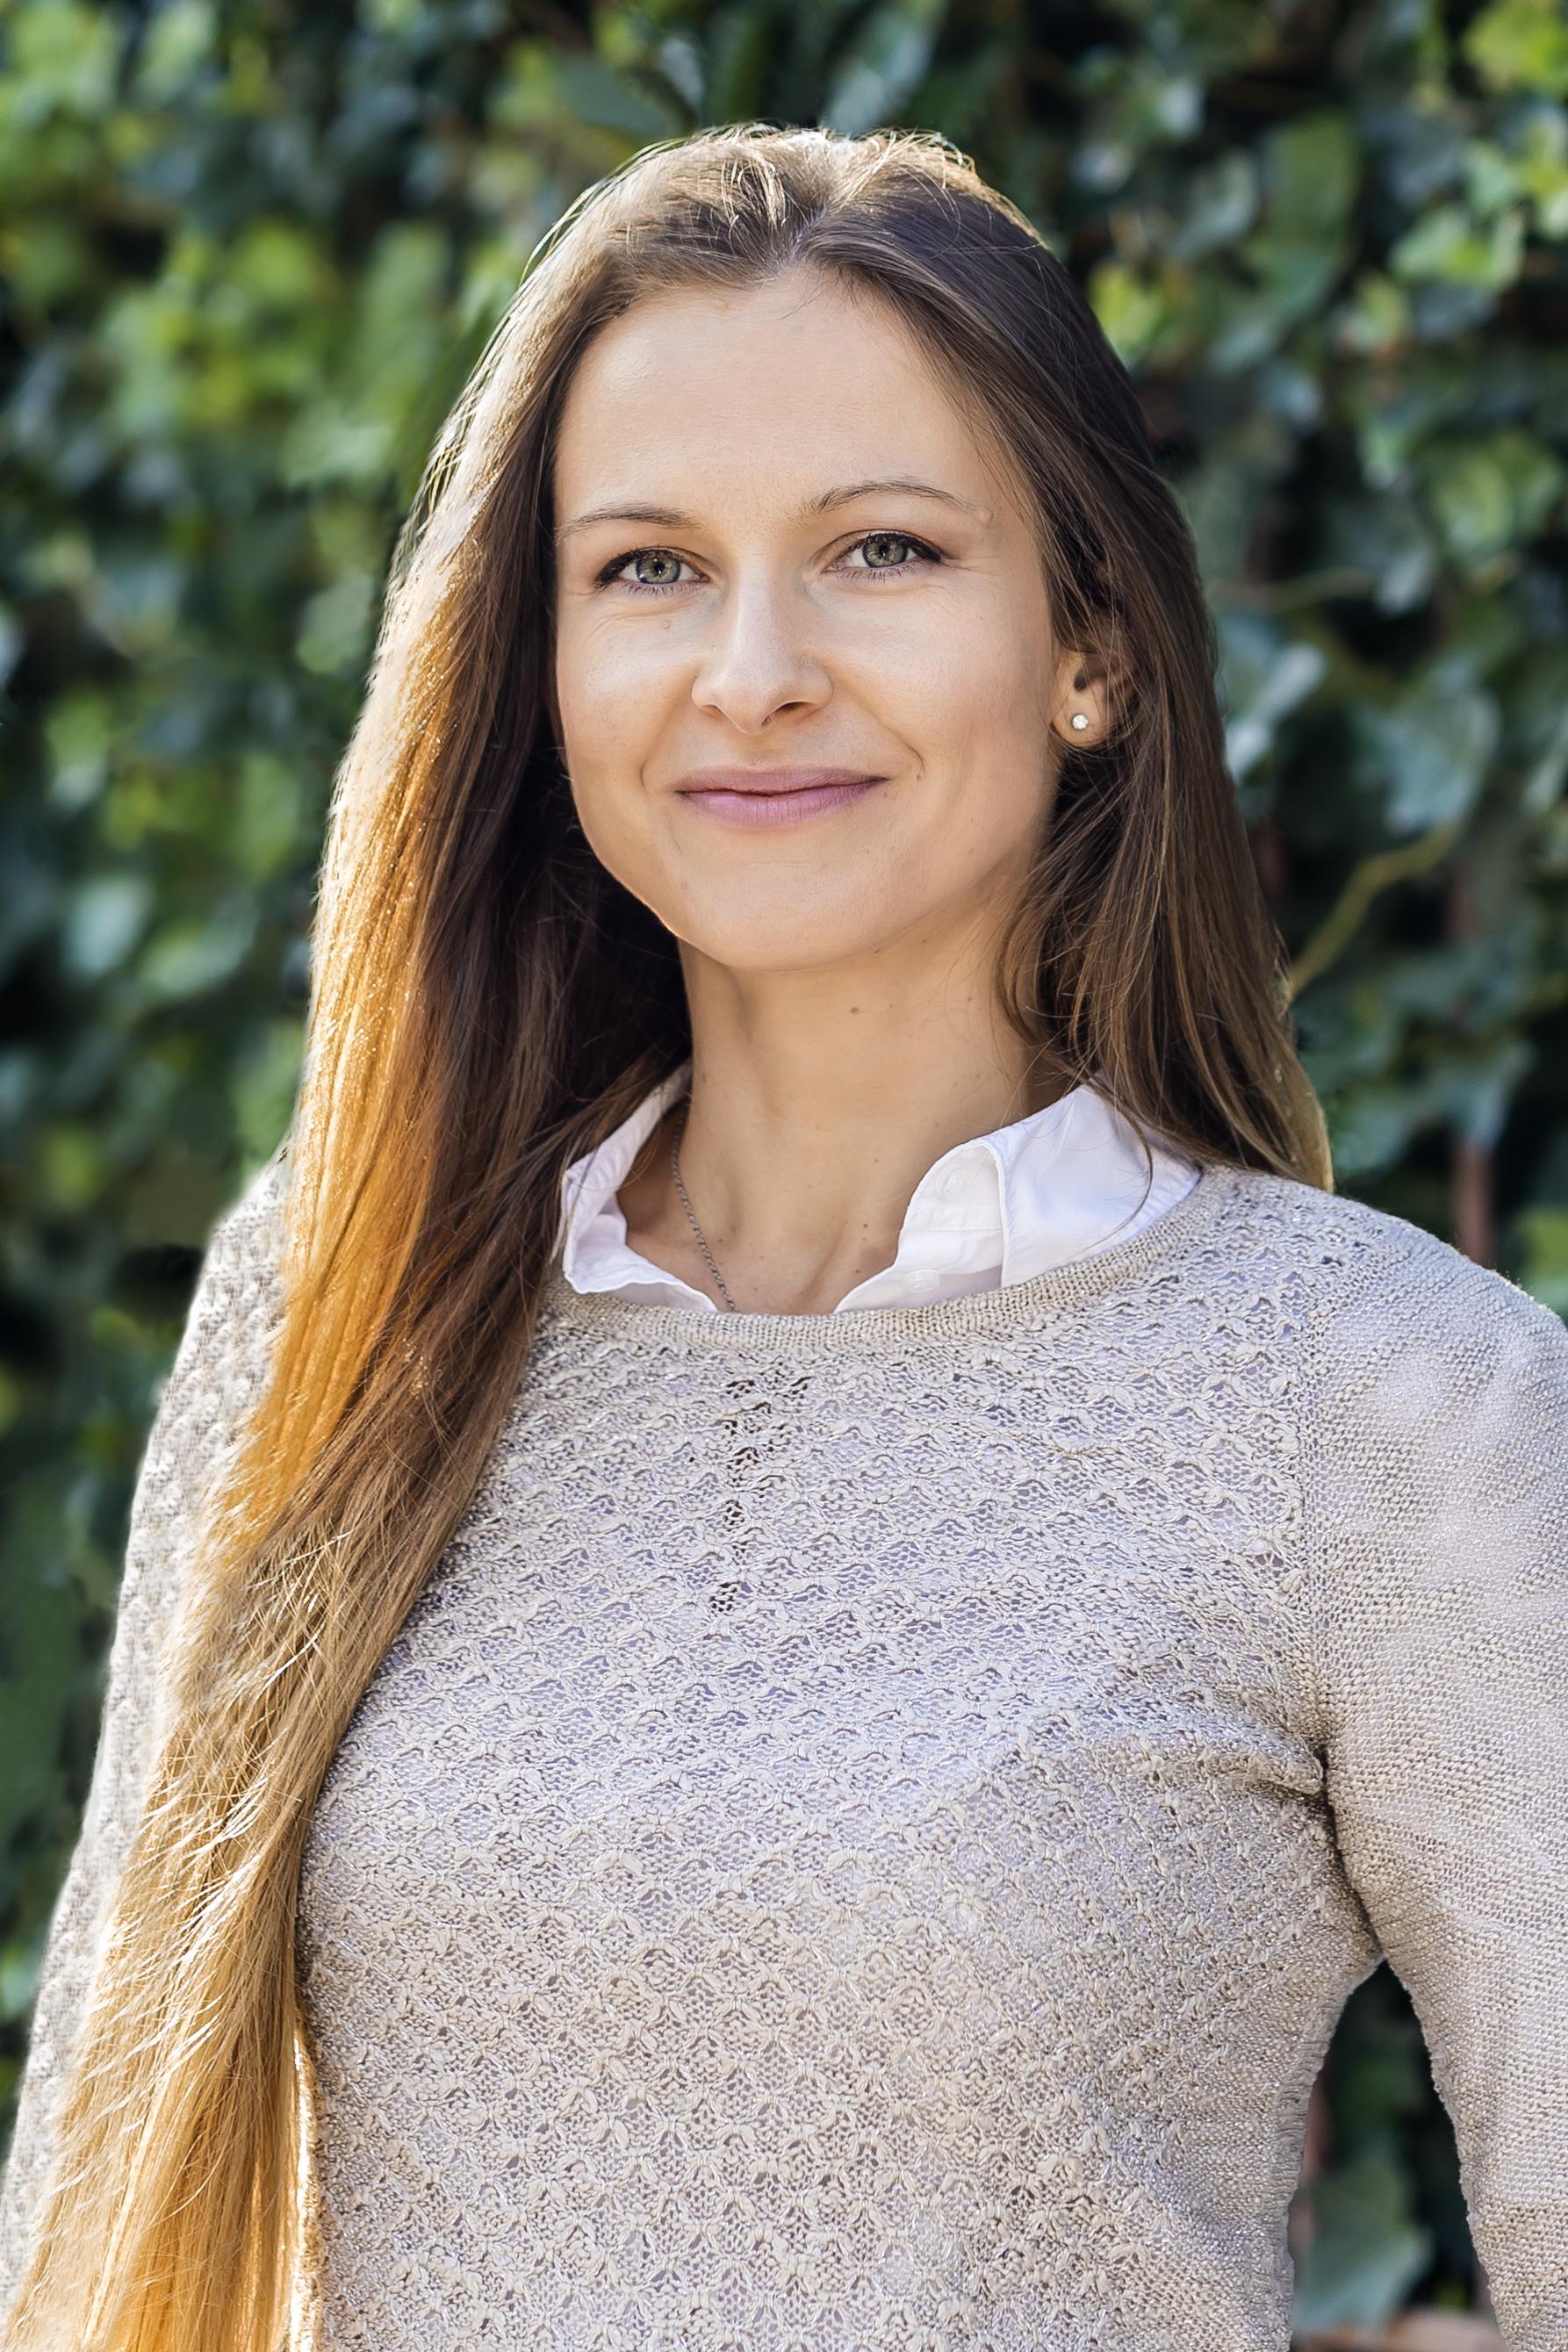 Miriama Kovacova